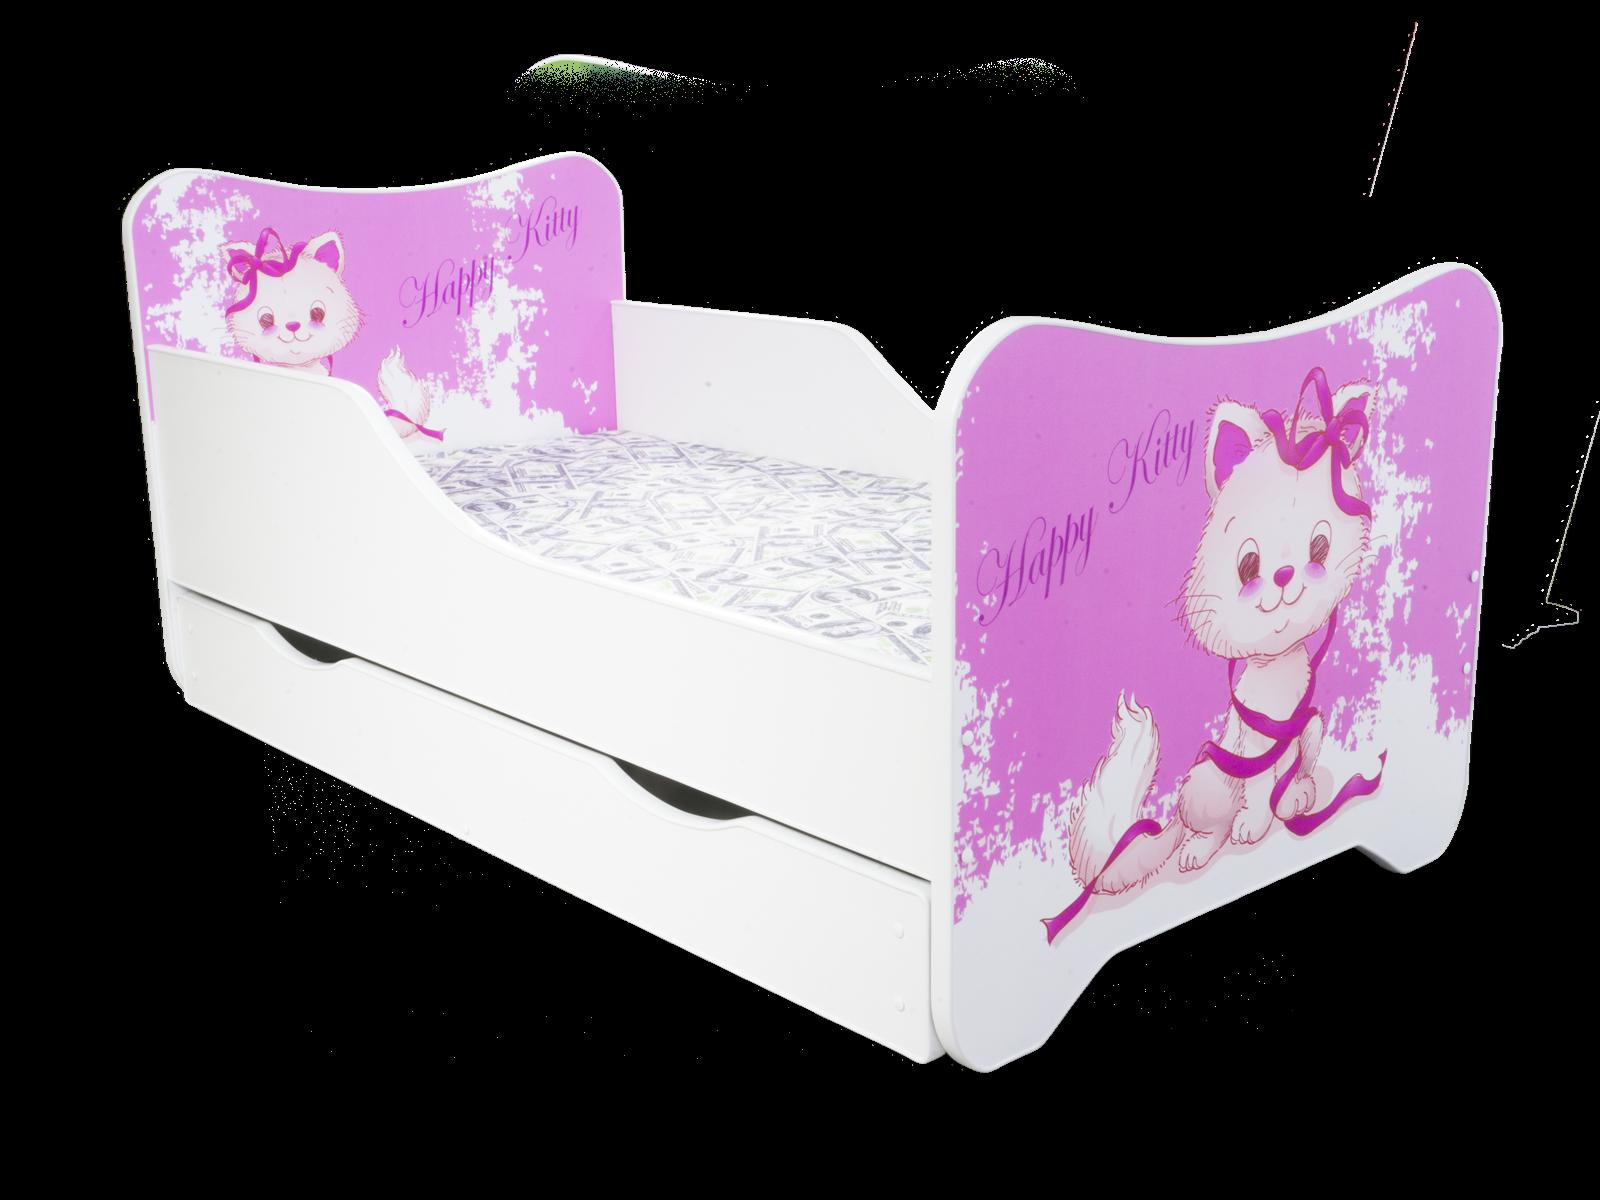 Letto singolo 160x80 BAMBINO CAMERETTA LETTINO bambini con materasso